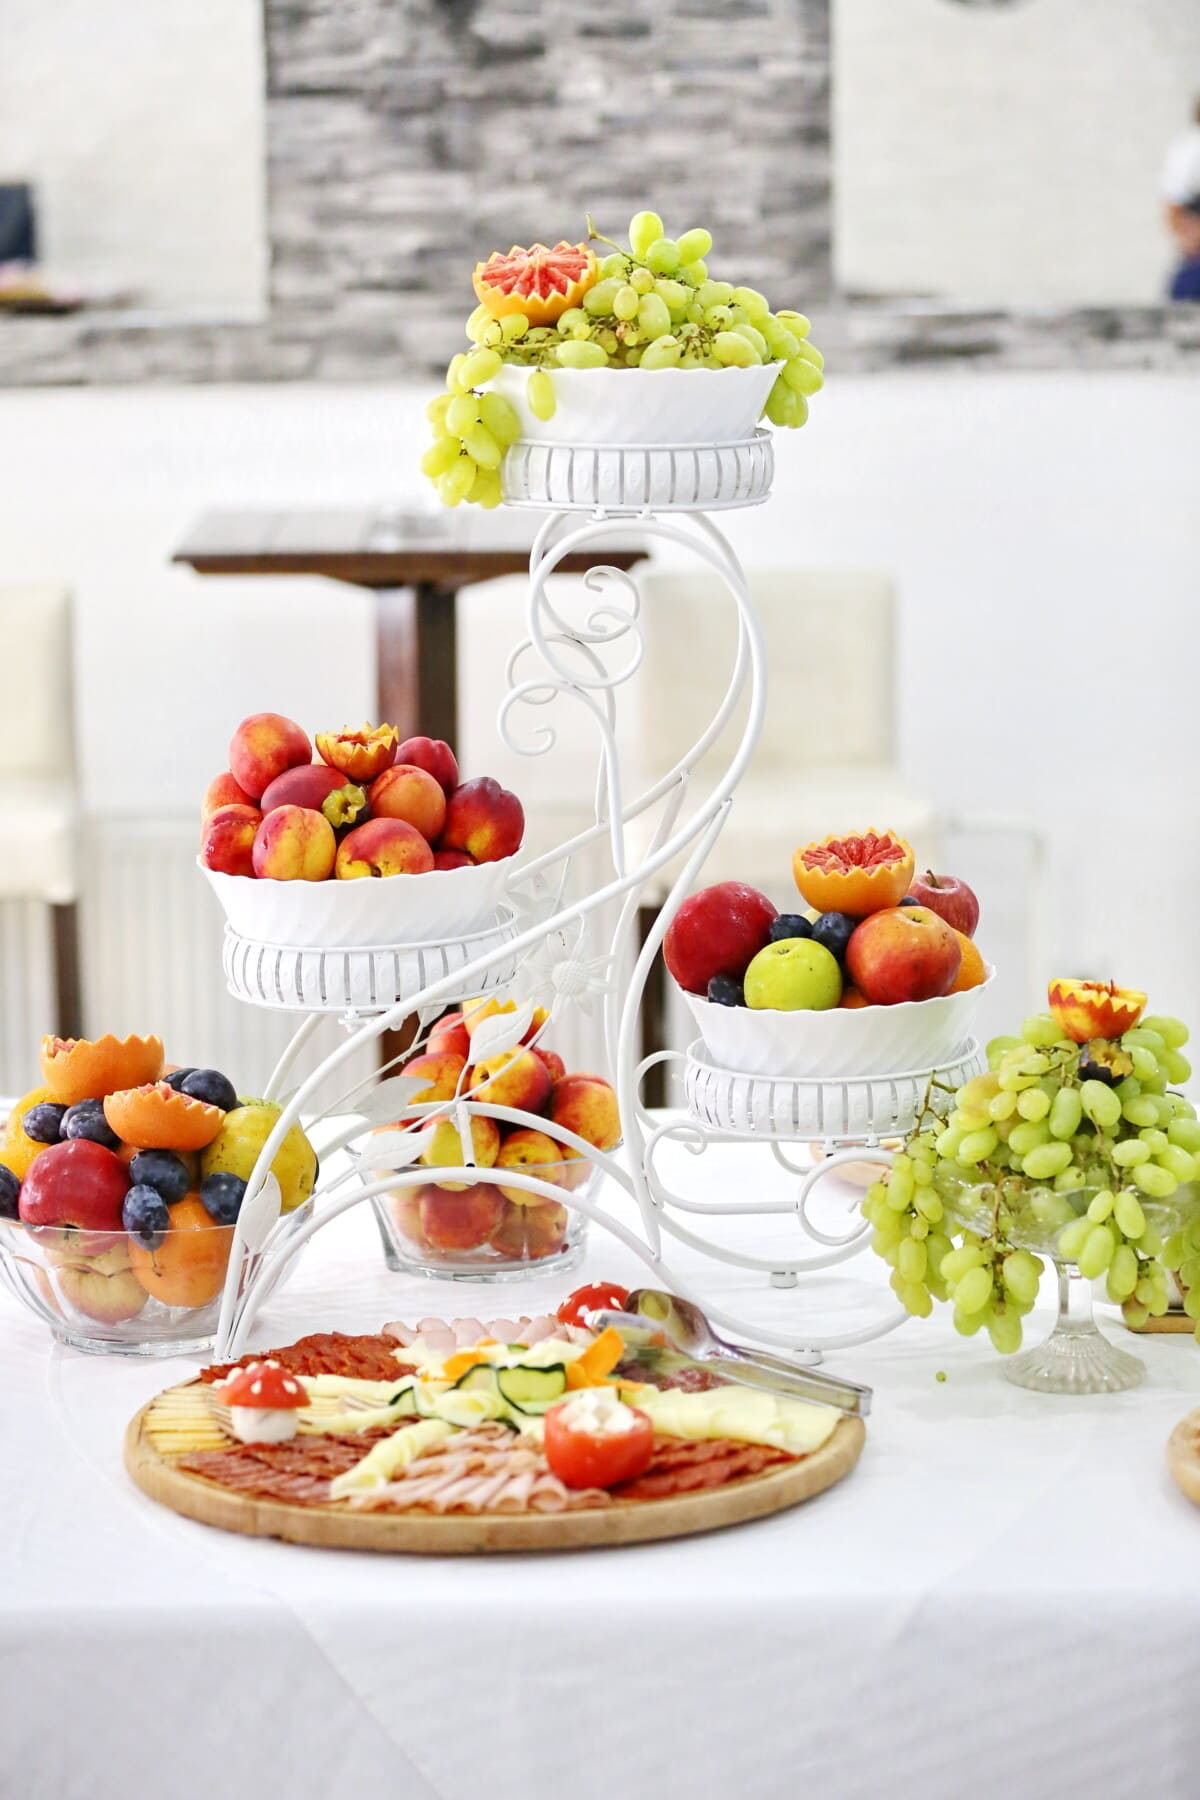 le petit déjeuner, fantaisie, délicieux, fruits, spectaculaire, panache, saucisse, agrumes, les raisins, fromage